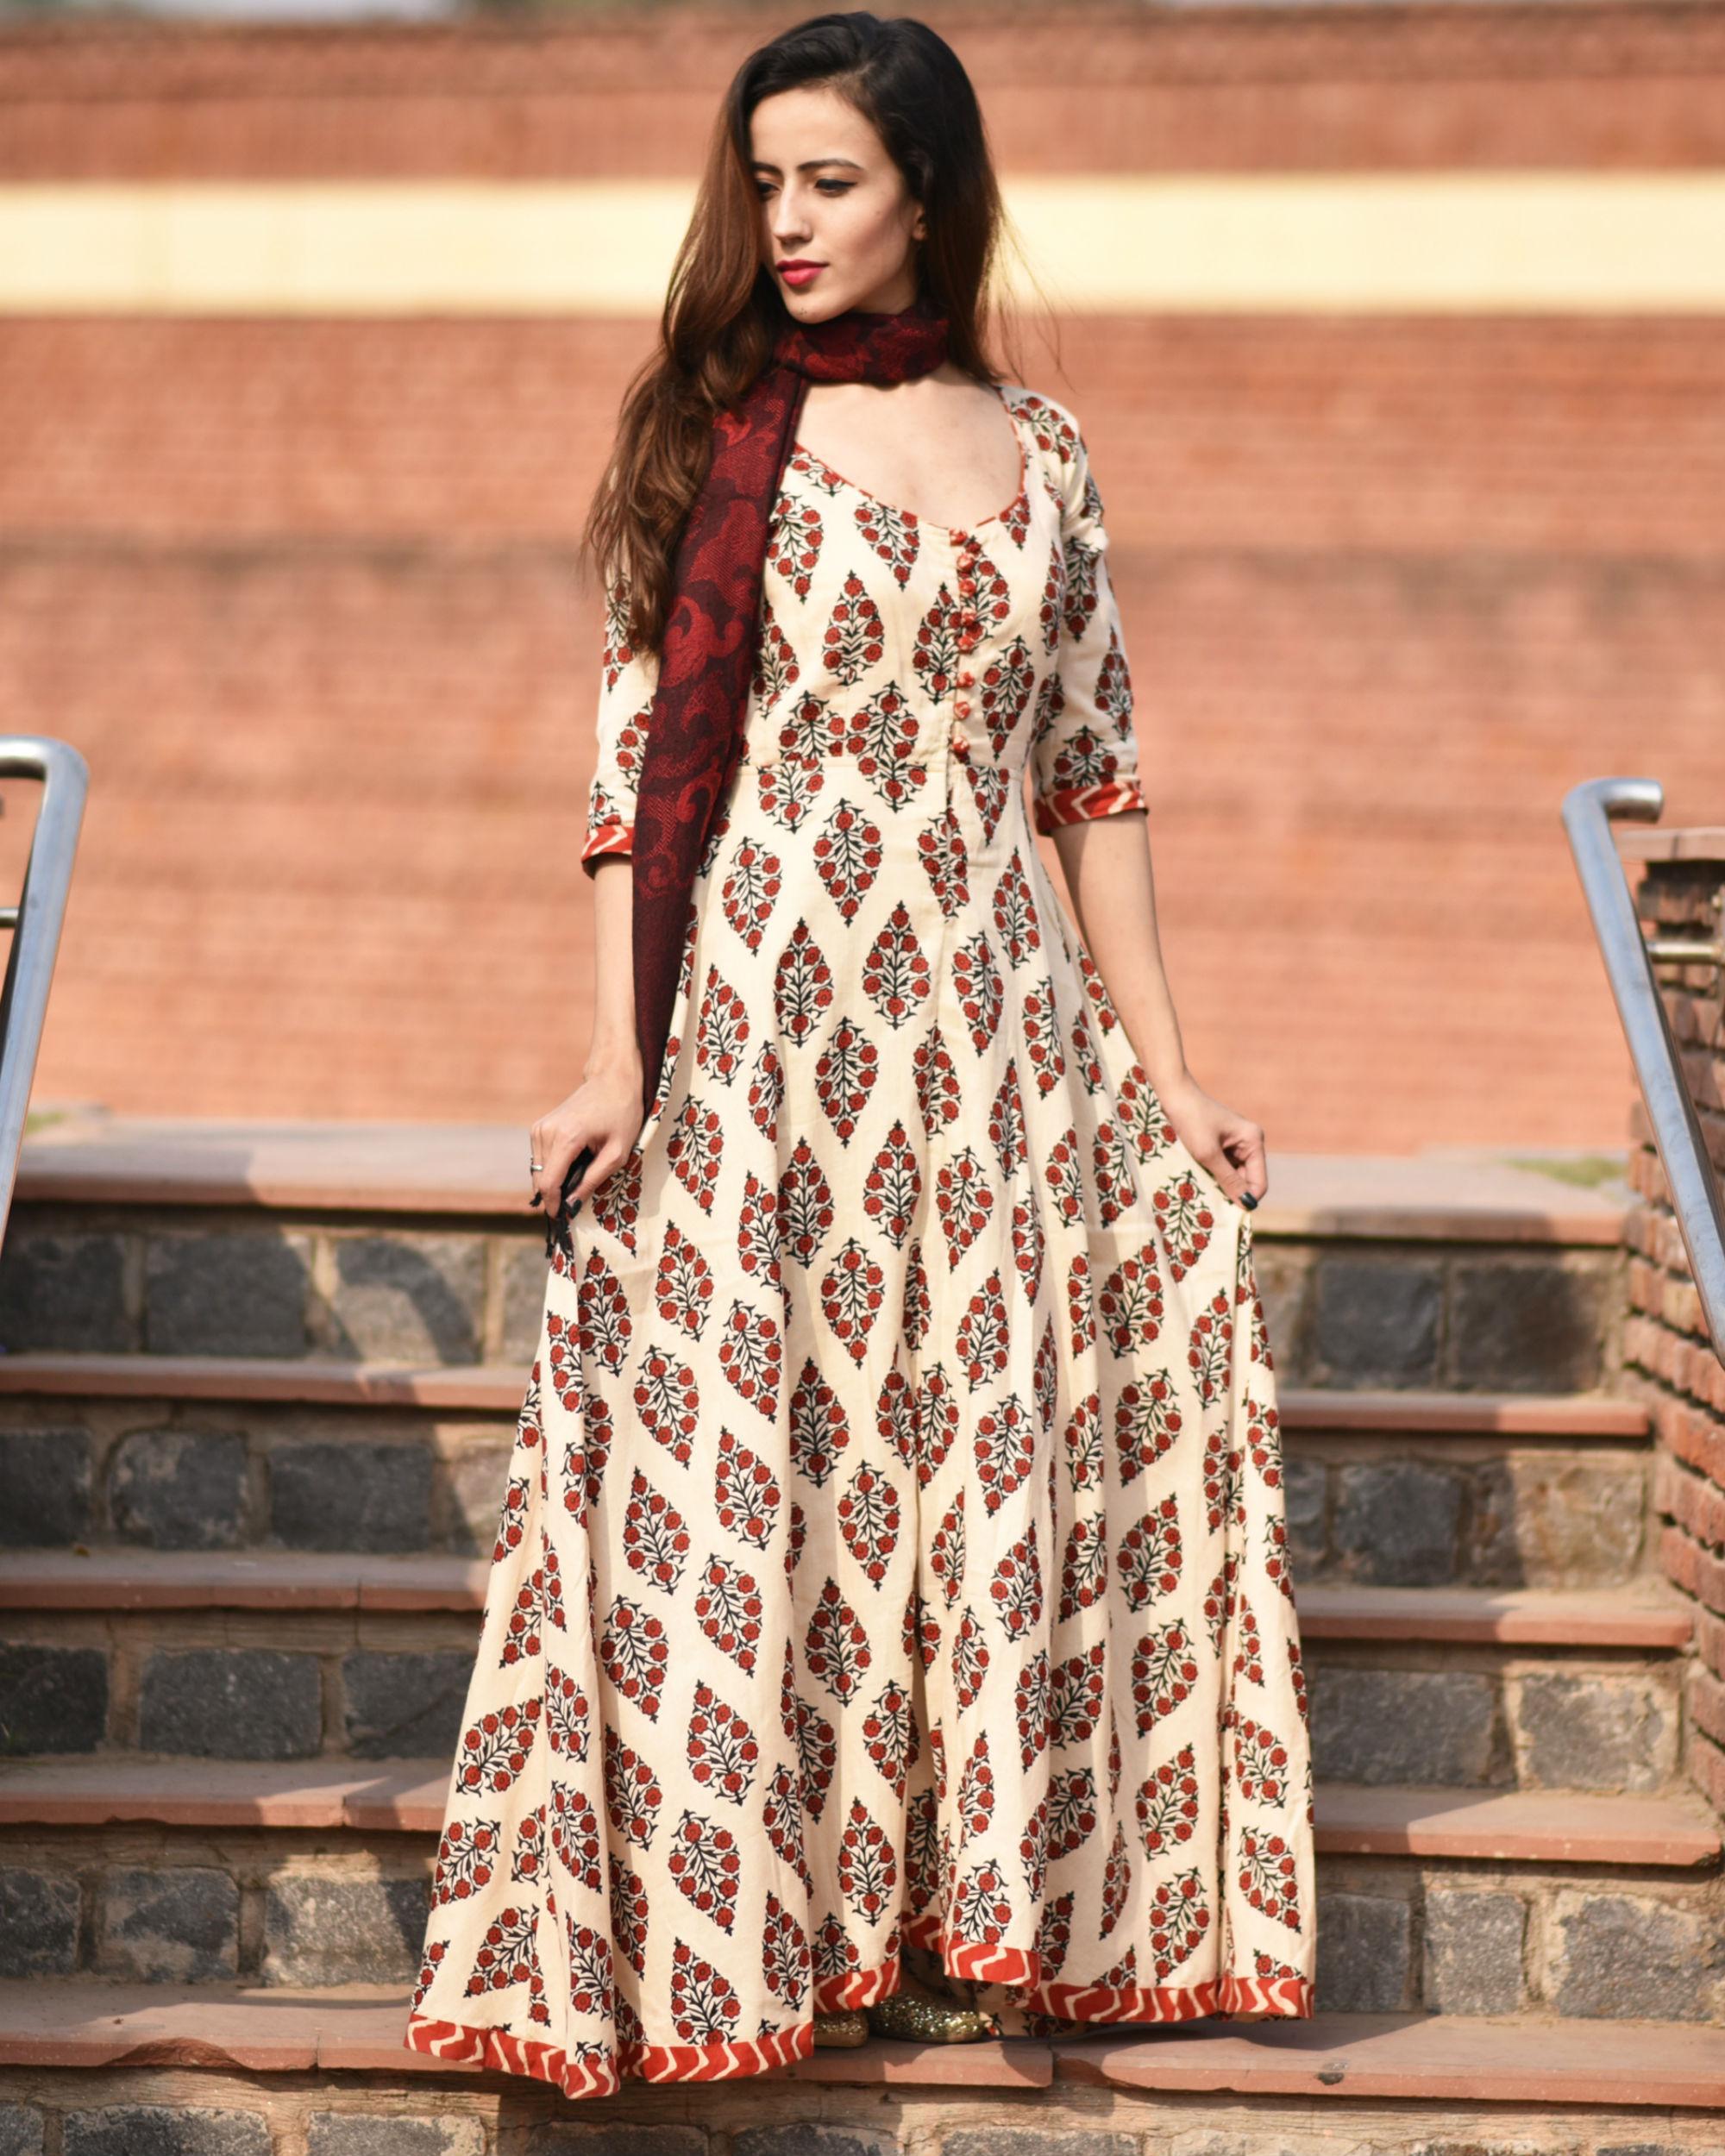 Red rajasi dress